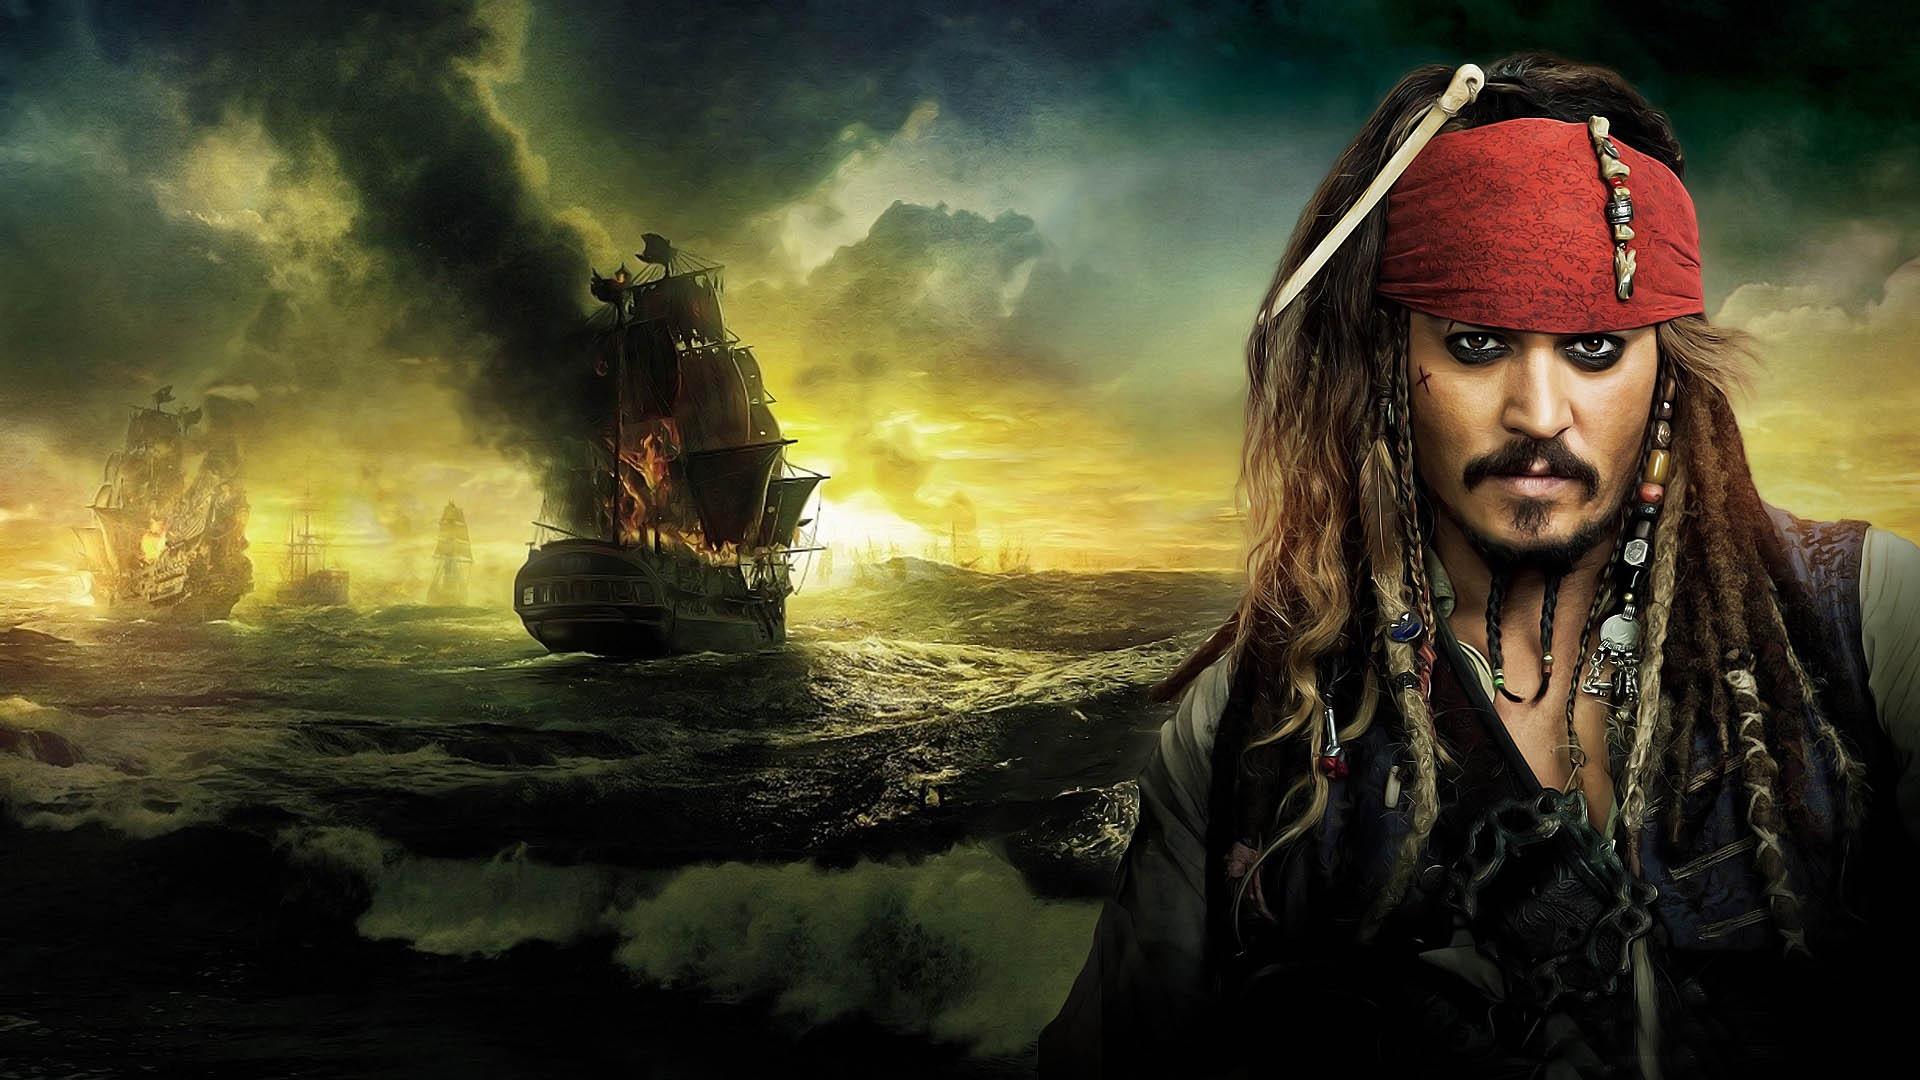 Hacker roba película a compañía Disney